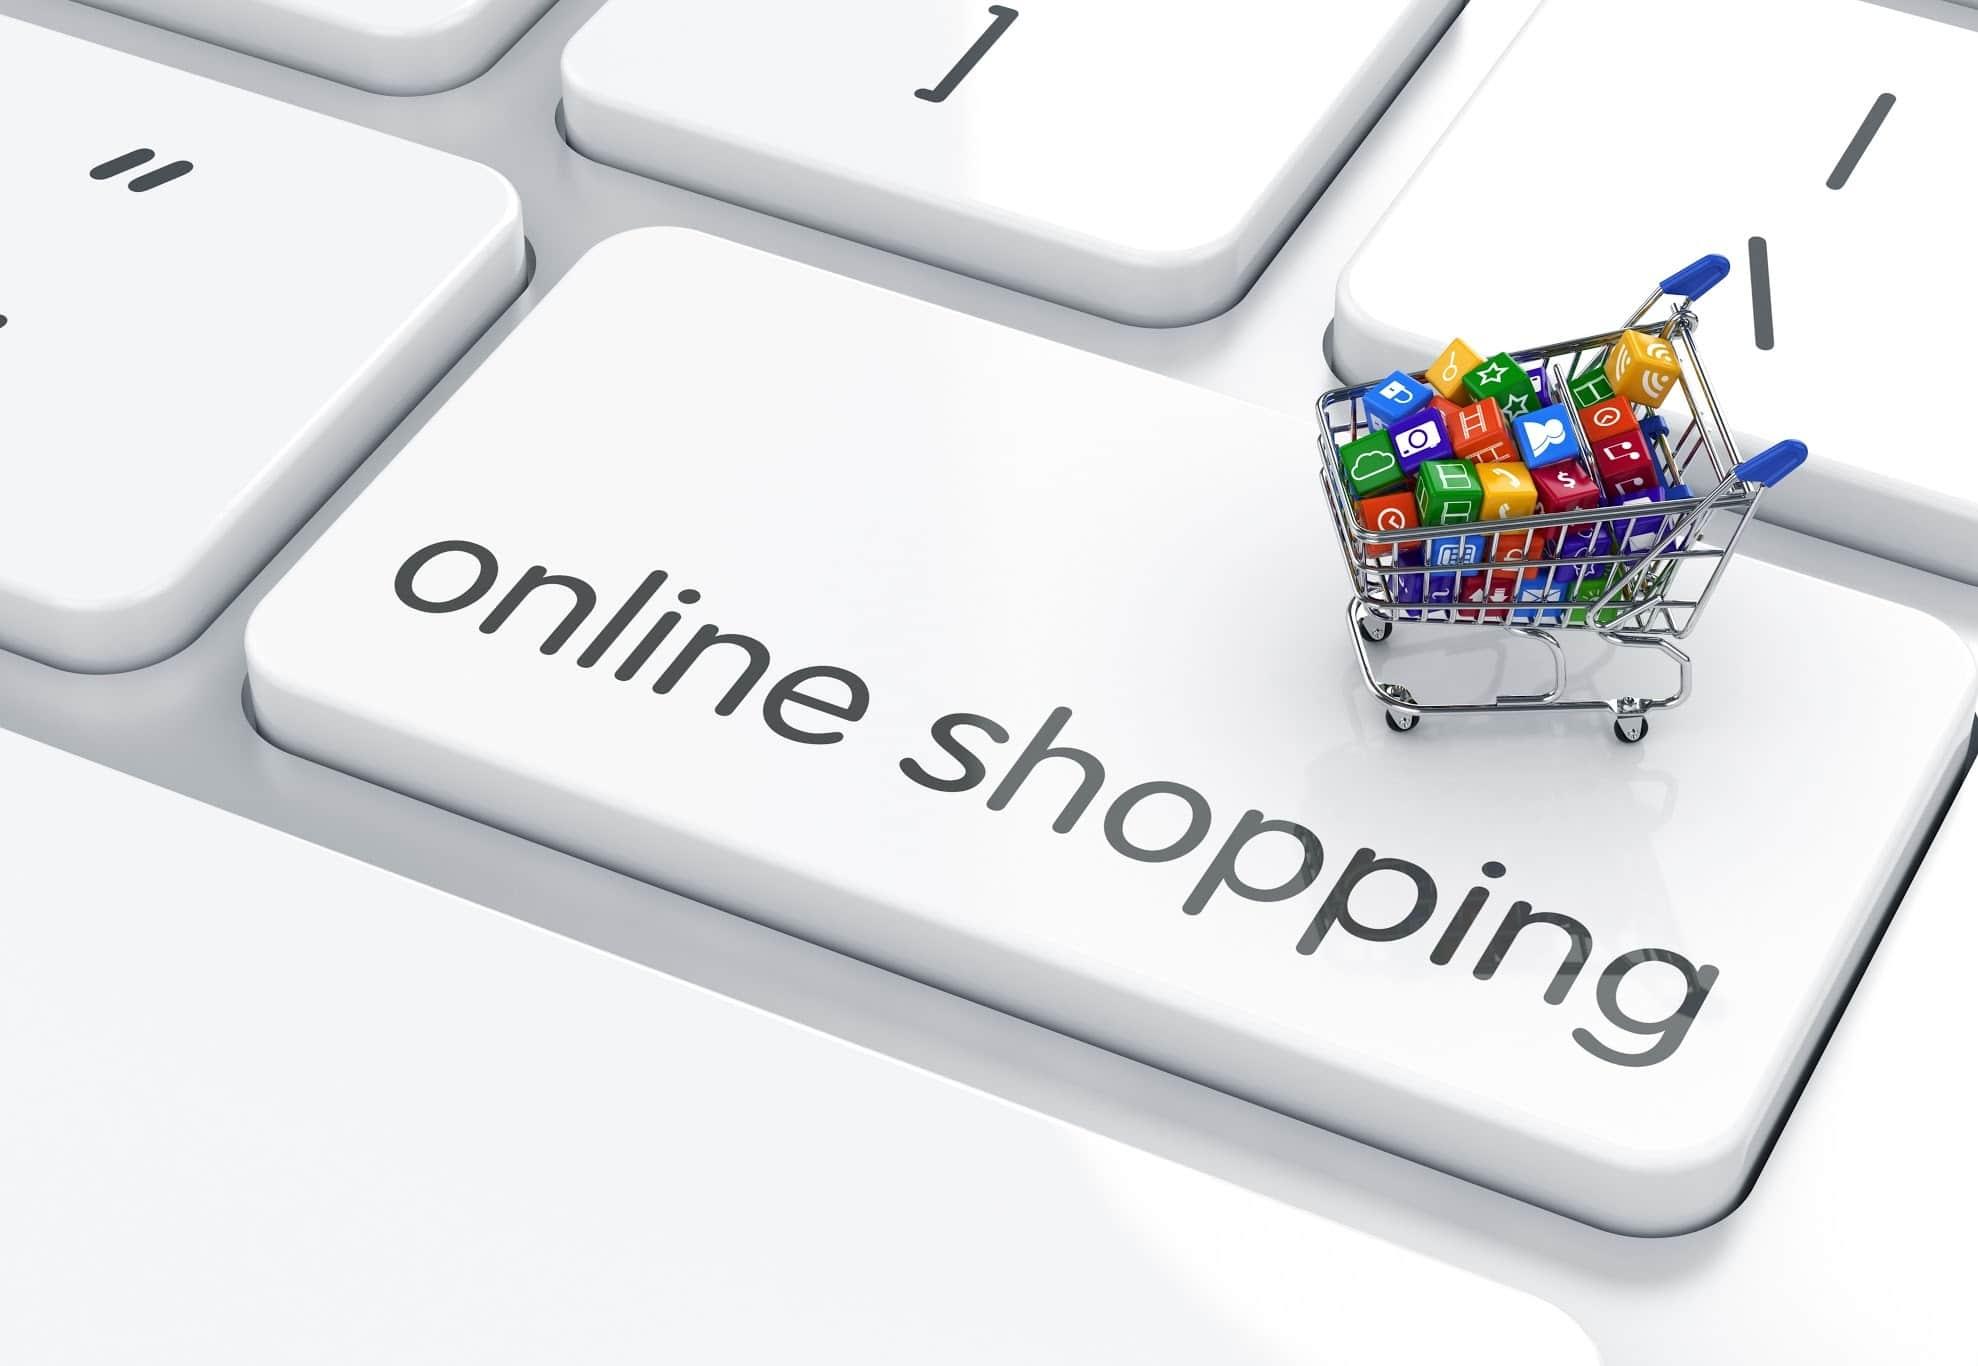 خرید اینترنتی مت یوگا